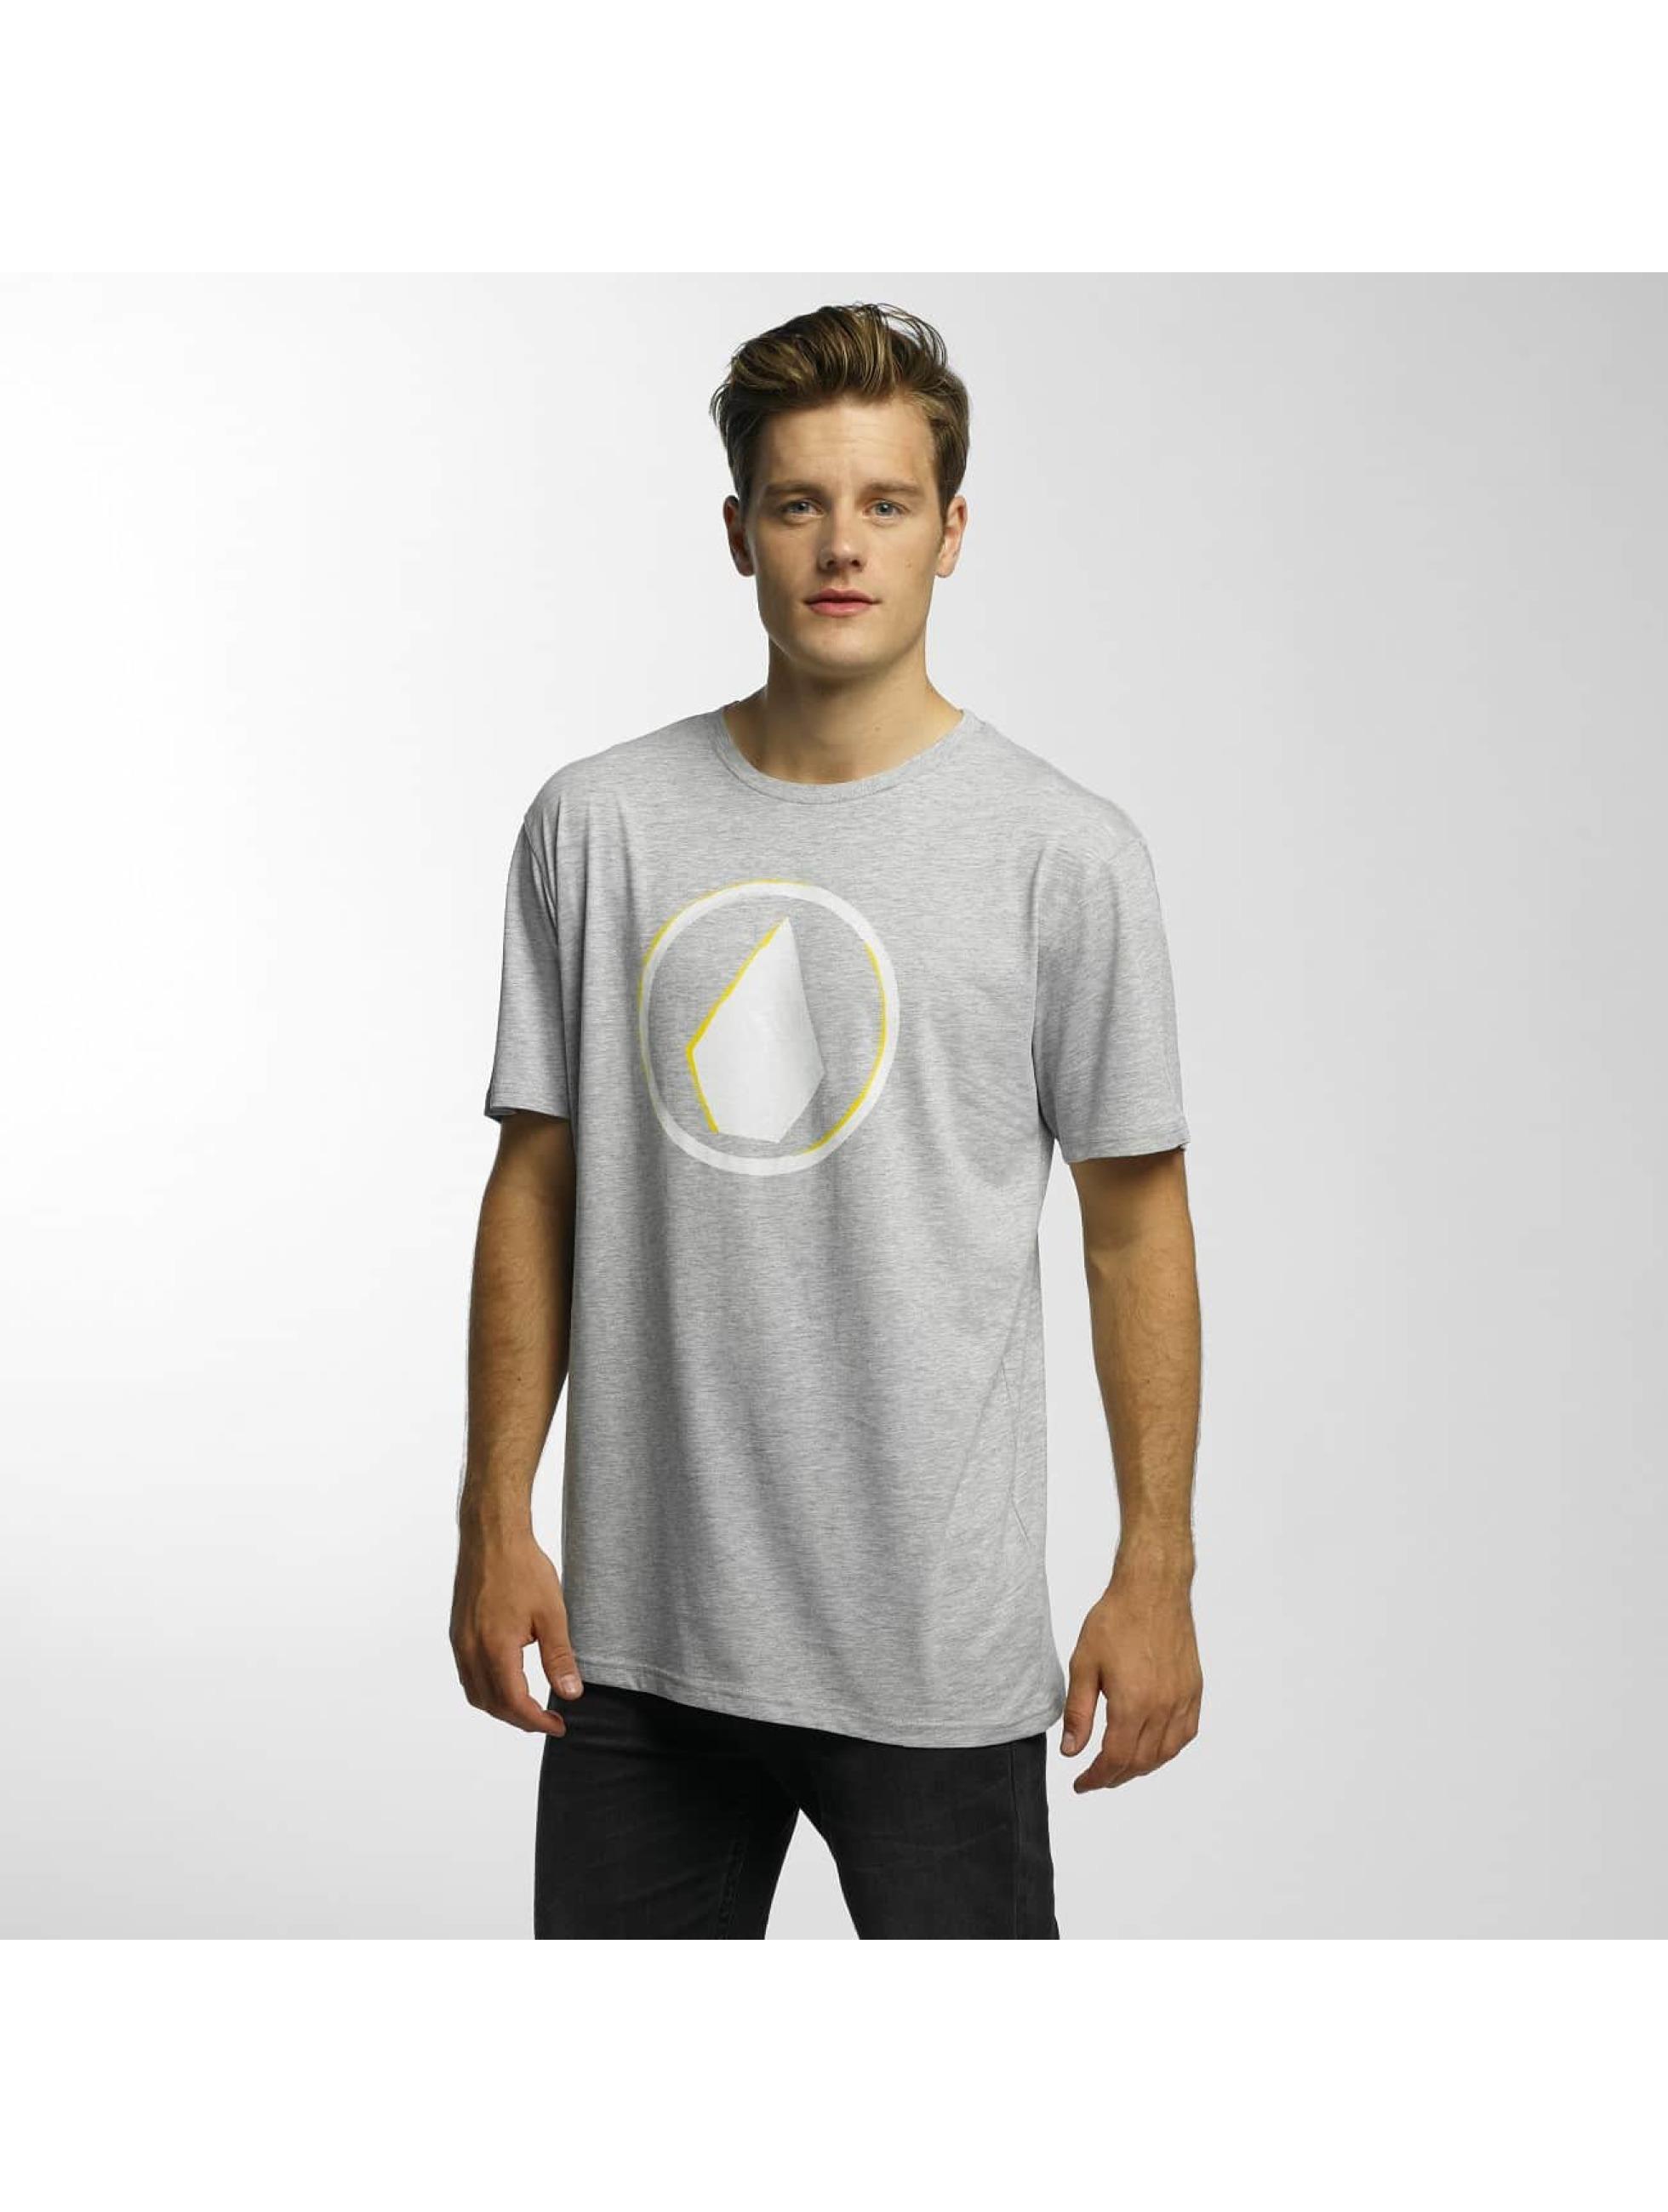 Volcom T-Shirt Burnt Basic gray